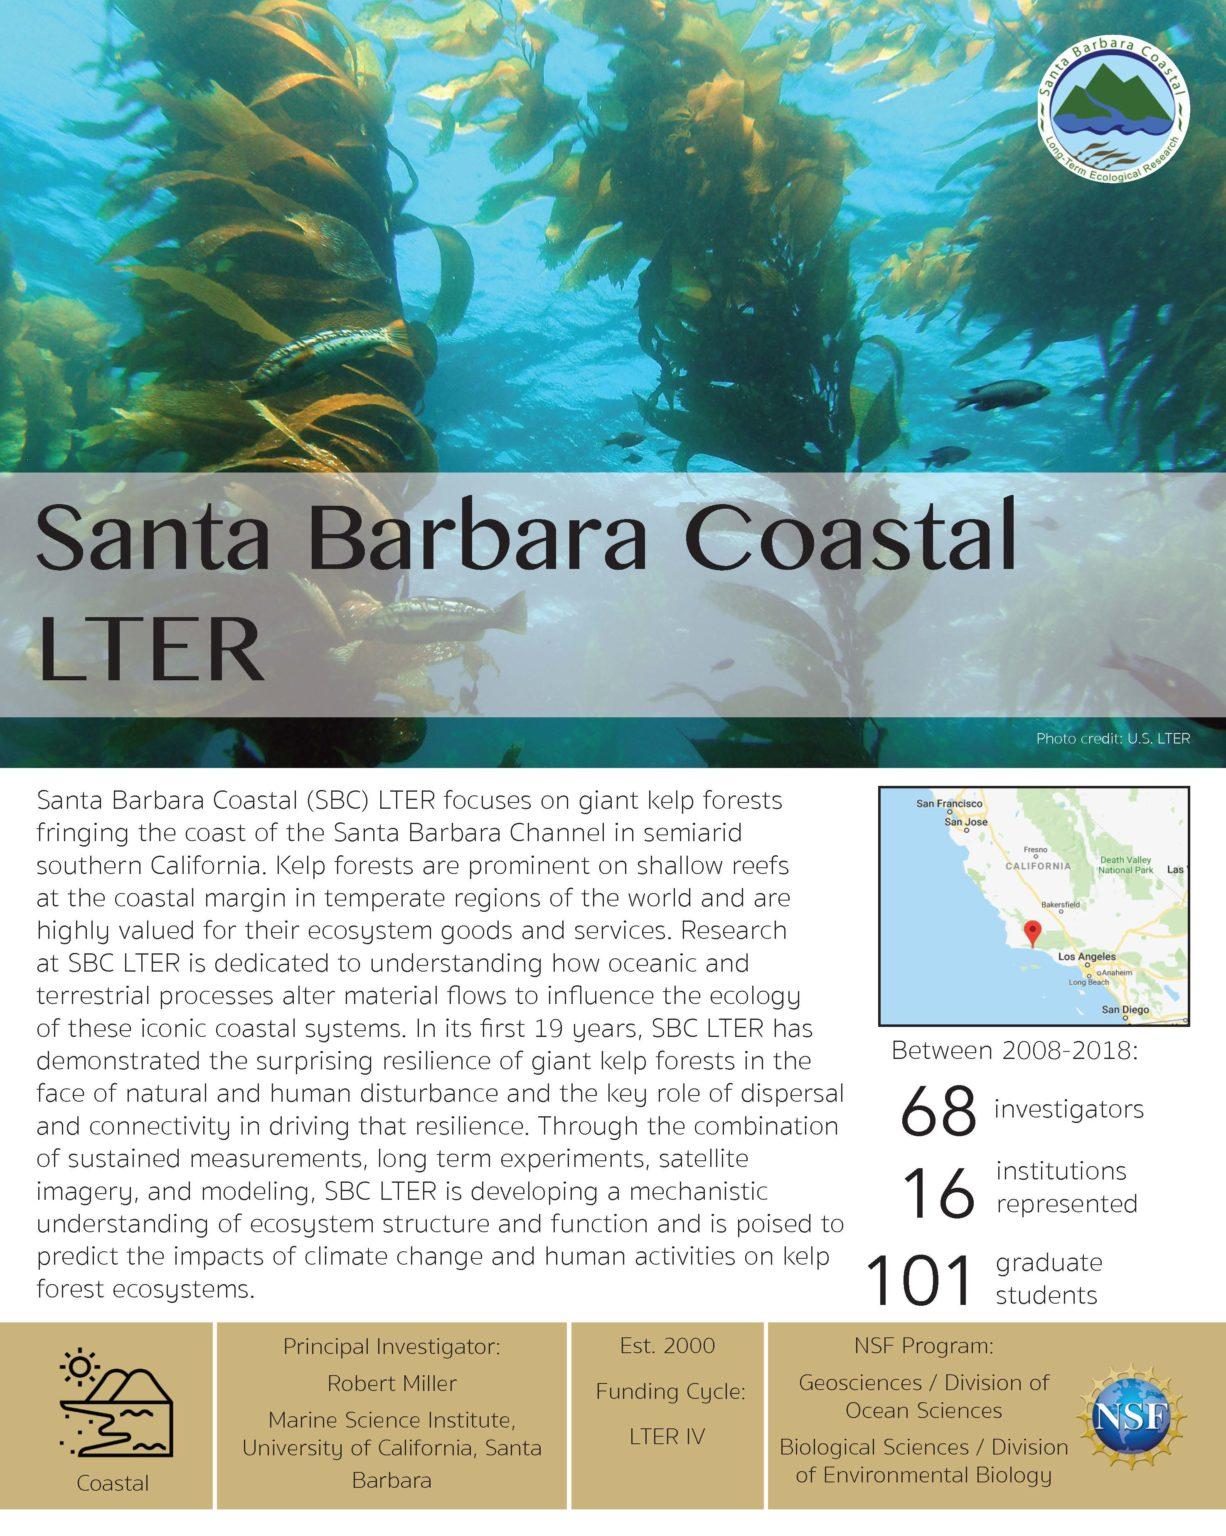 Santa Barbara Coastal LTER site brief 2019